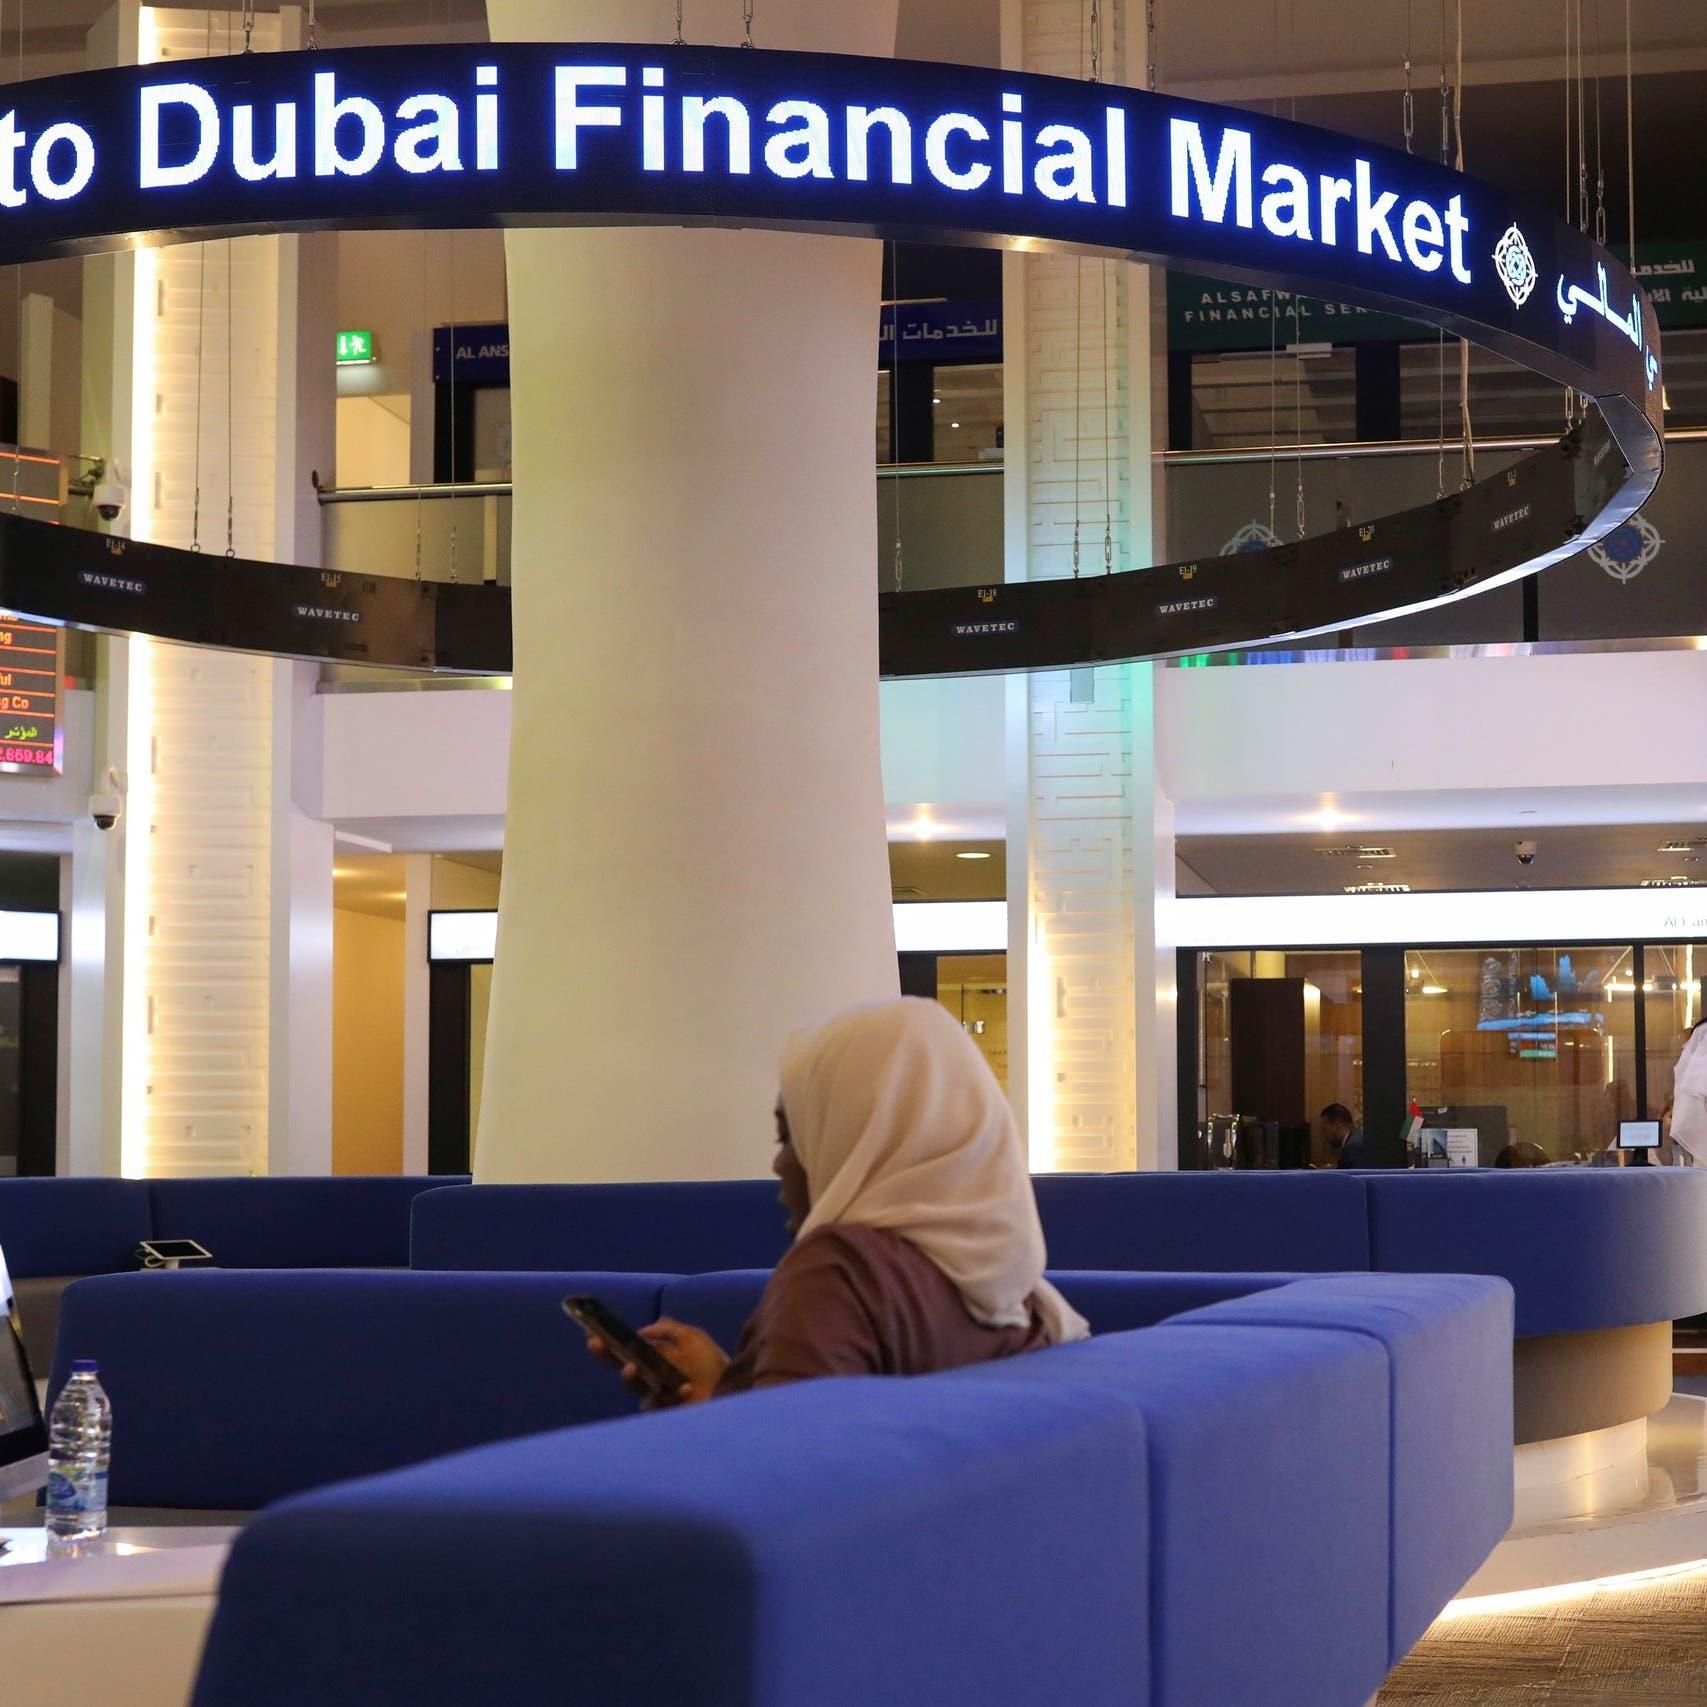 خسائر بمعظم أسواق الخليج.. أكبرها في قطر